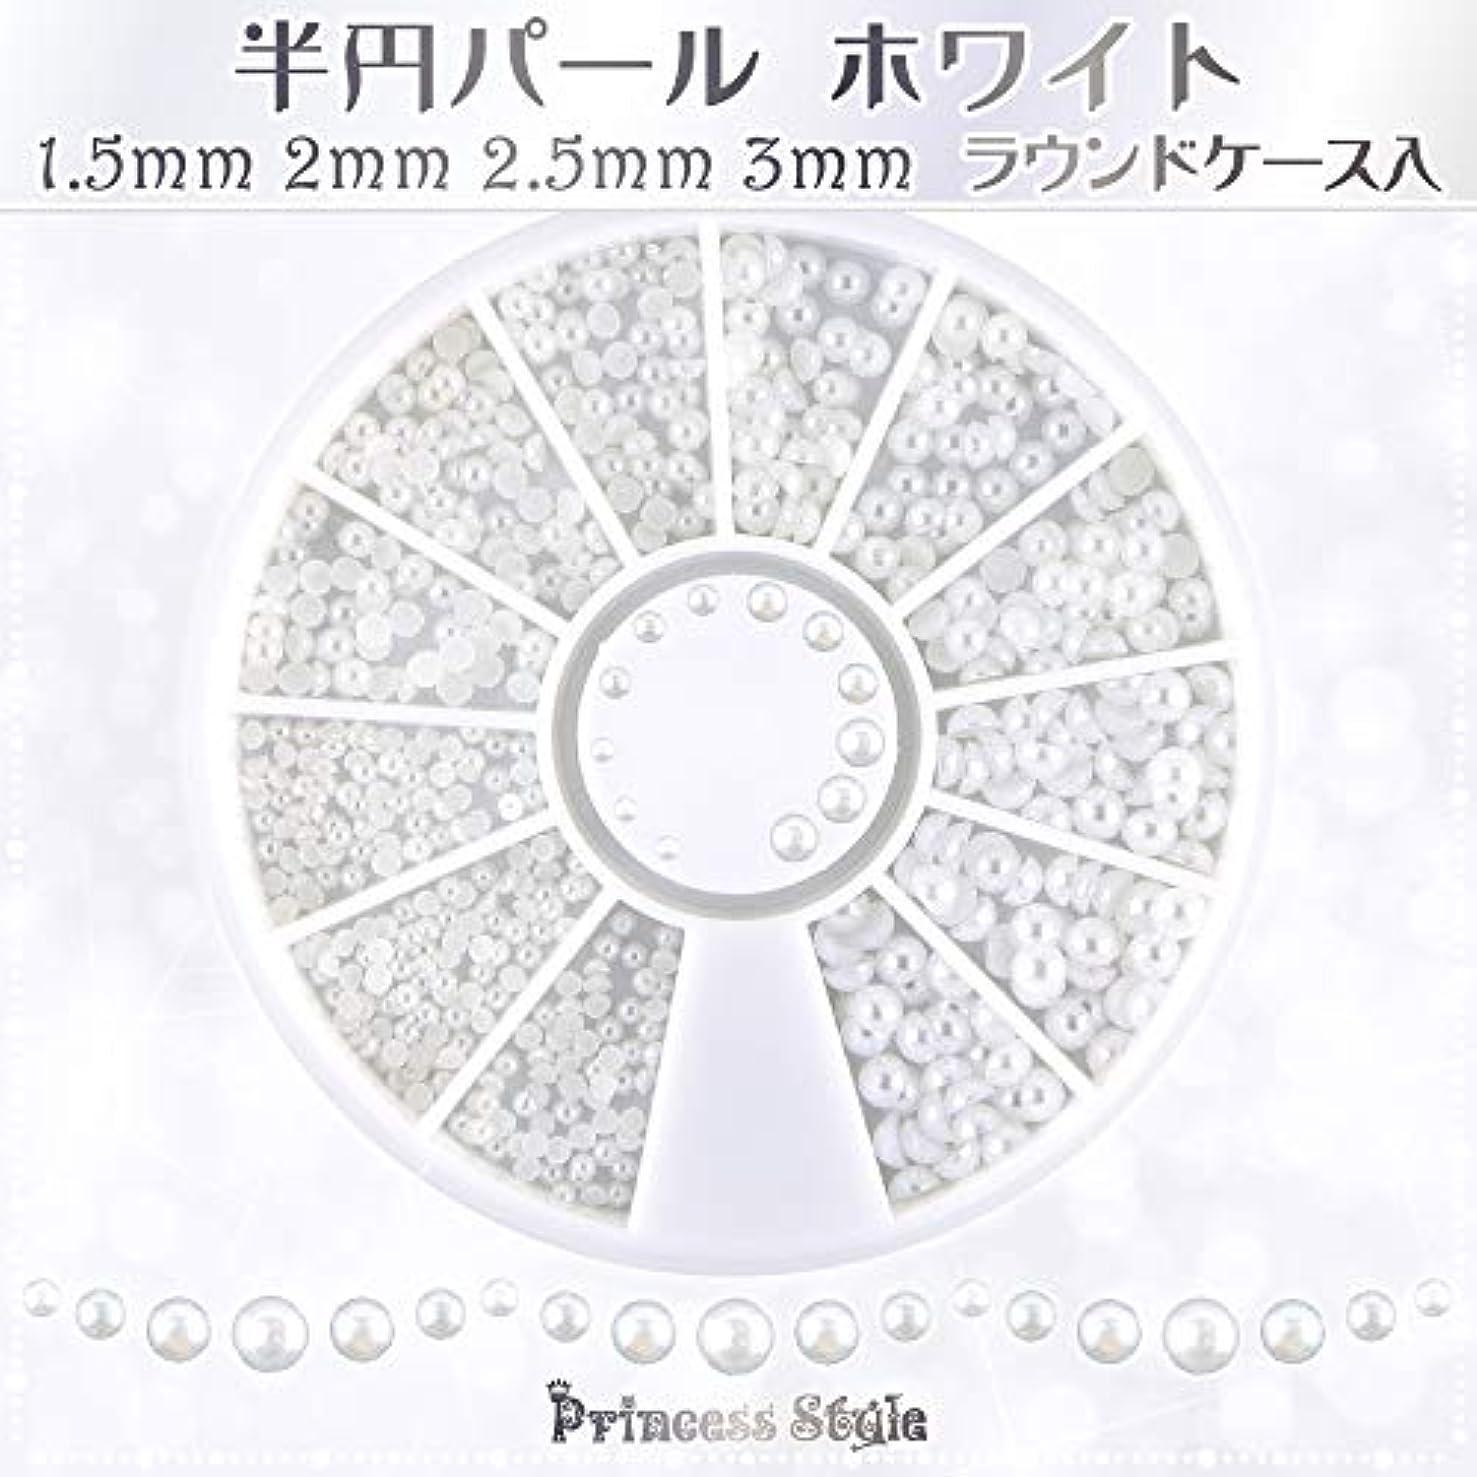 バーゲン疑問に思う象半円パール ホワイト ネイル デコ用 1.5mm,2mm,2.5mm,3mm ラウンドケース入